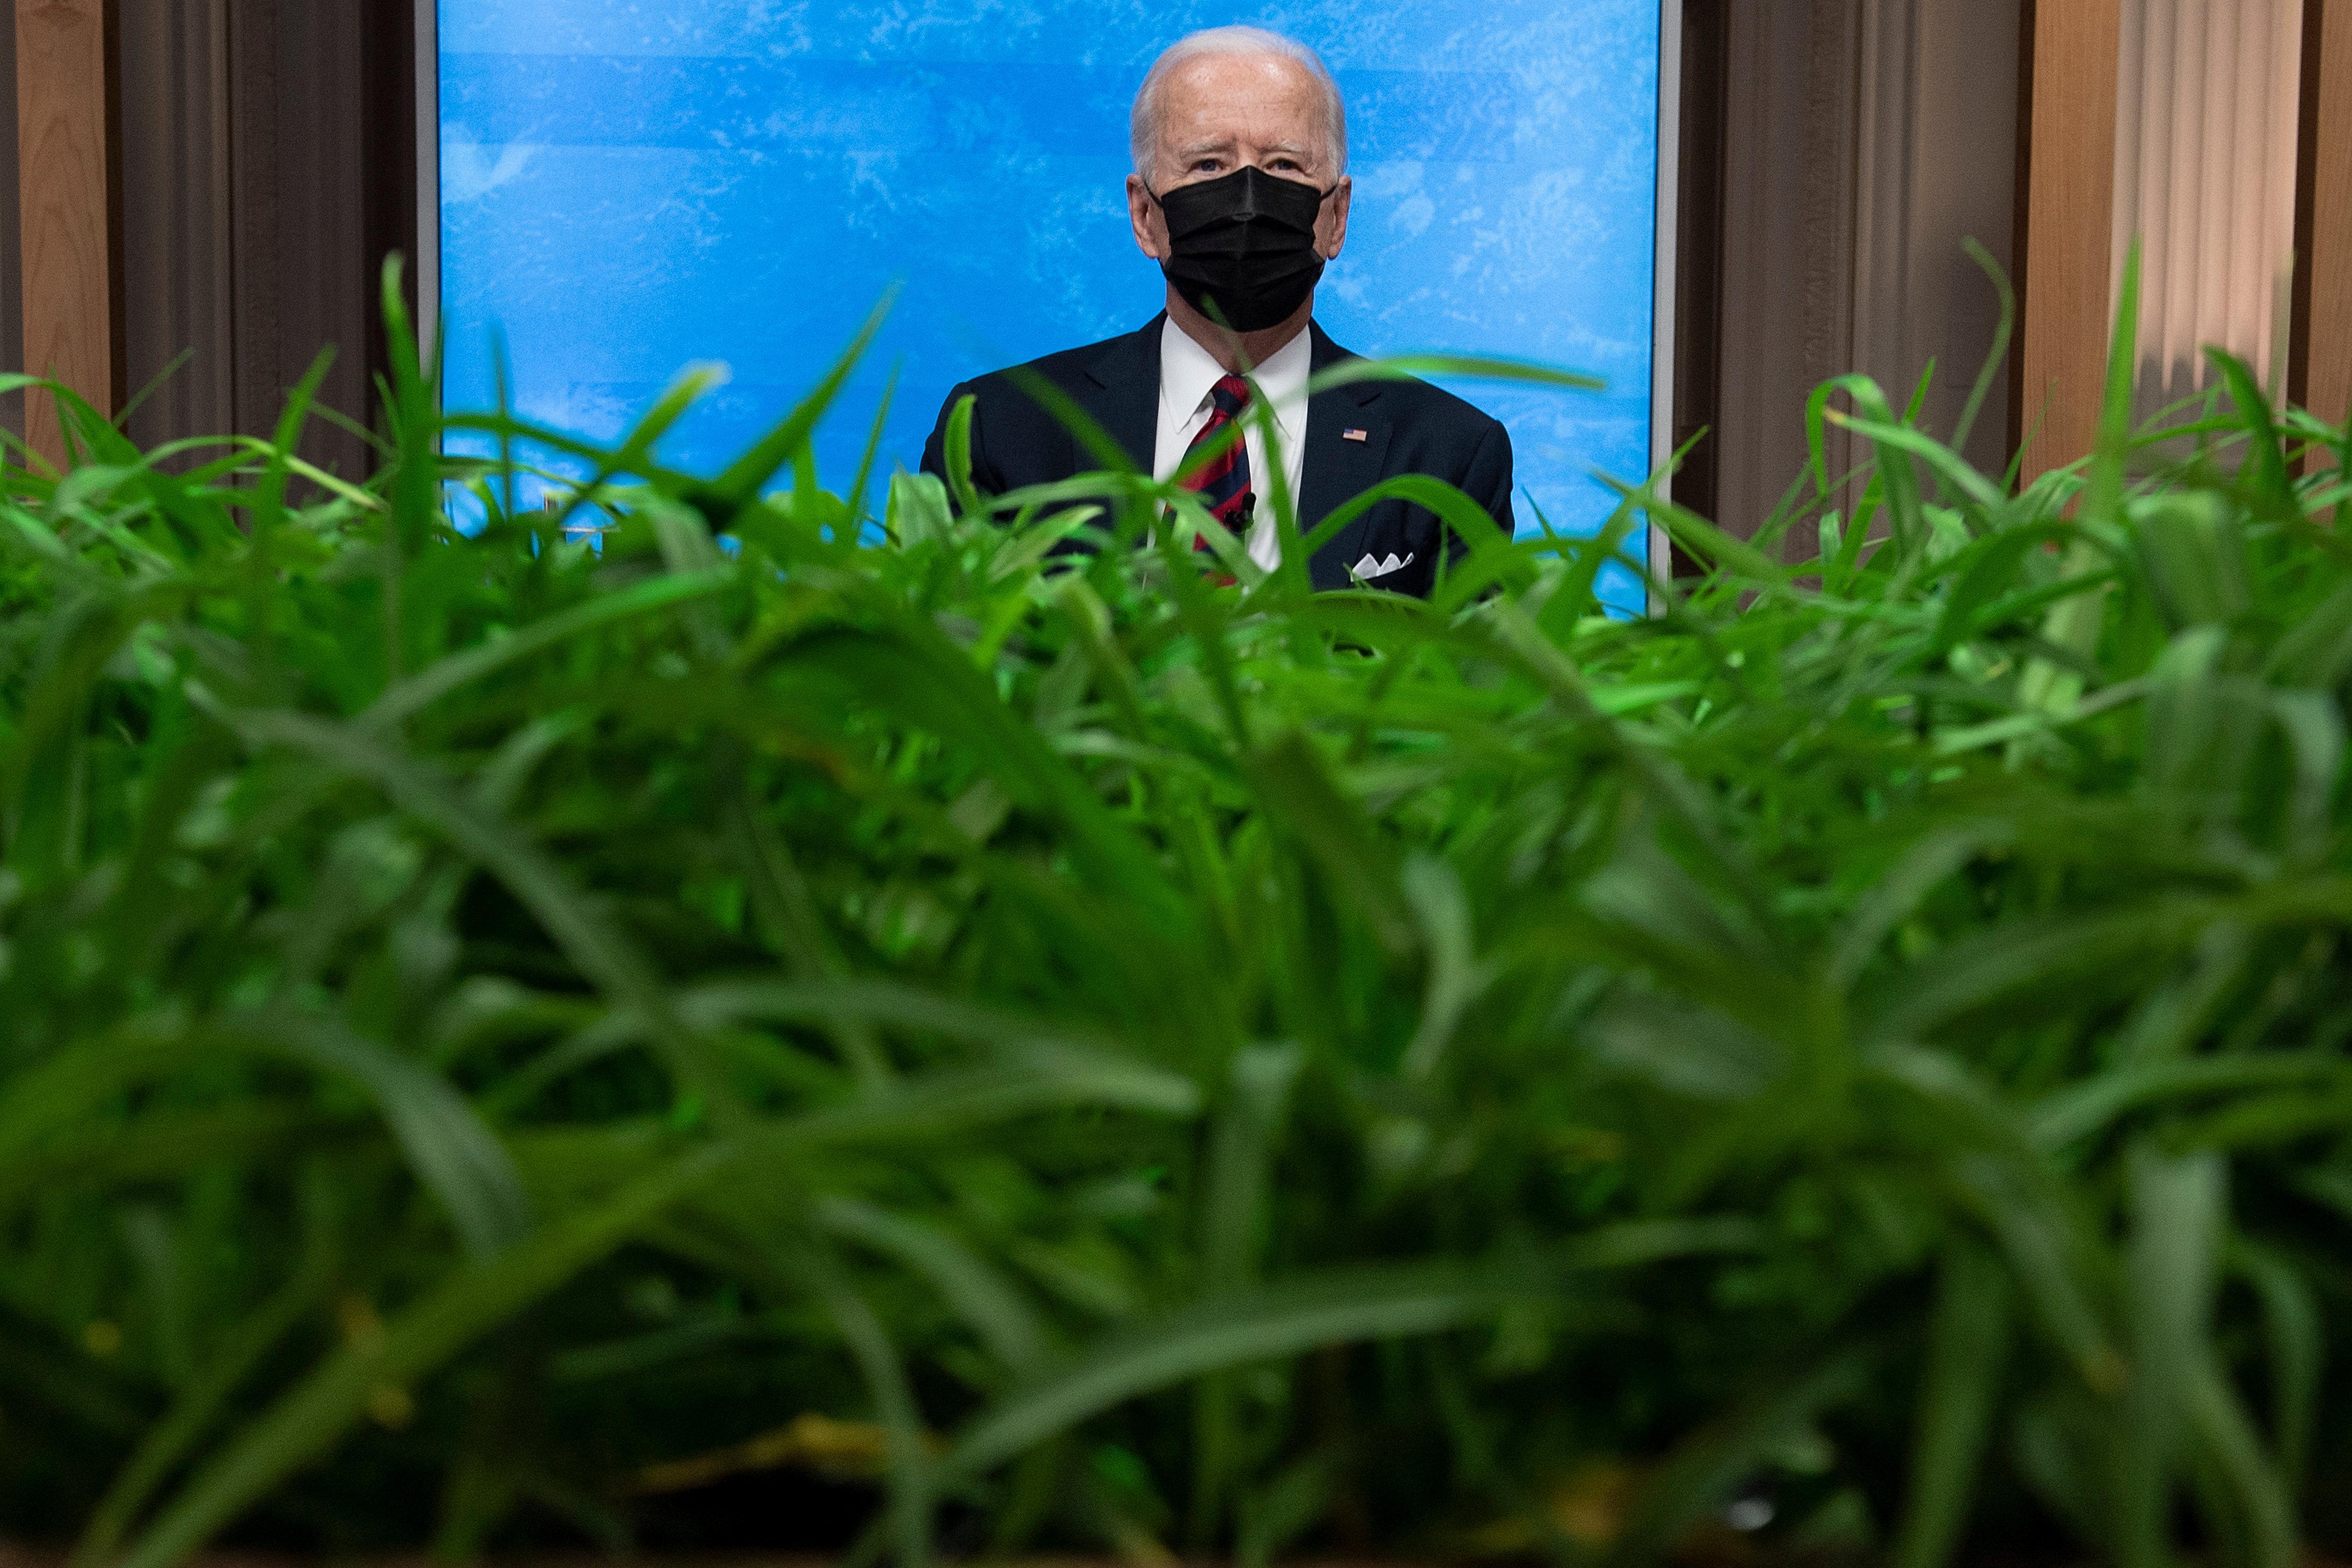 Joe Biden megemelné a gazdagok adóját